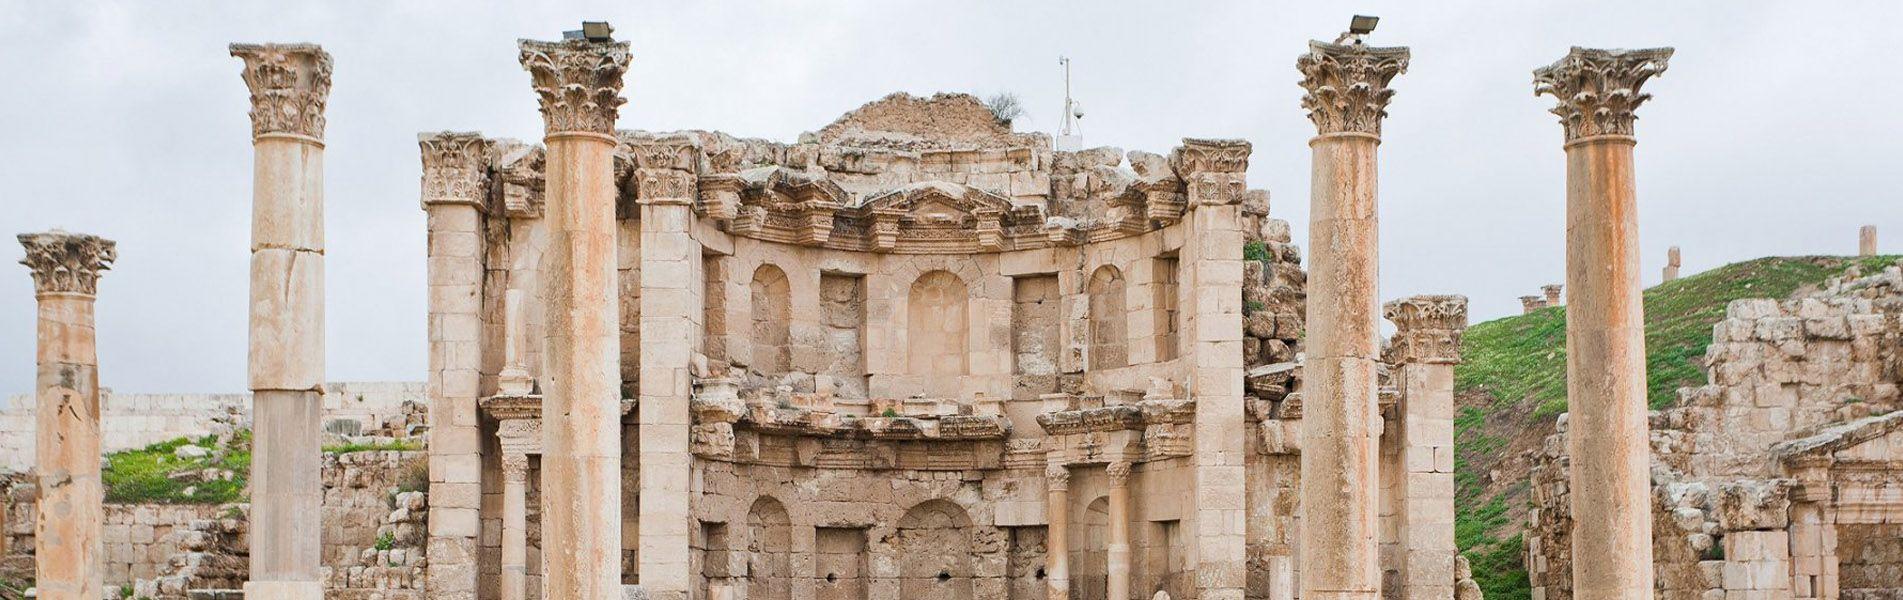 Templo de Artemisa, Turquía